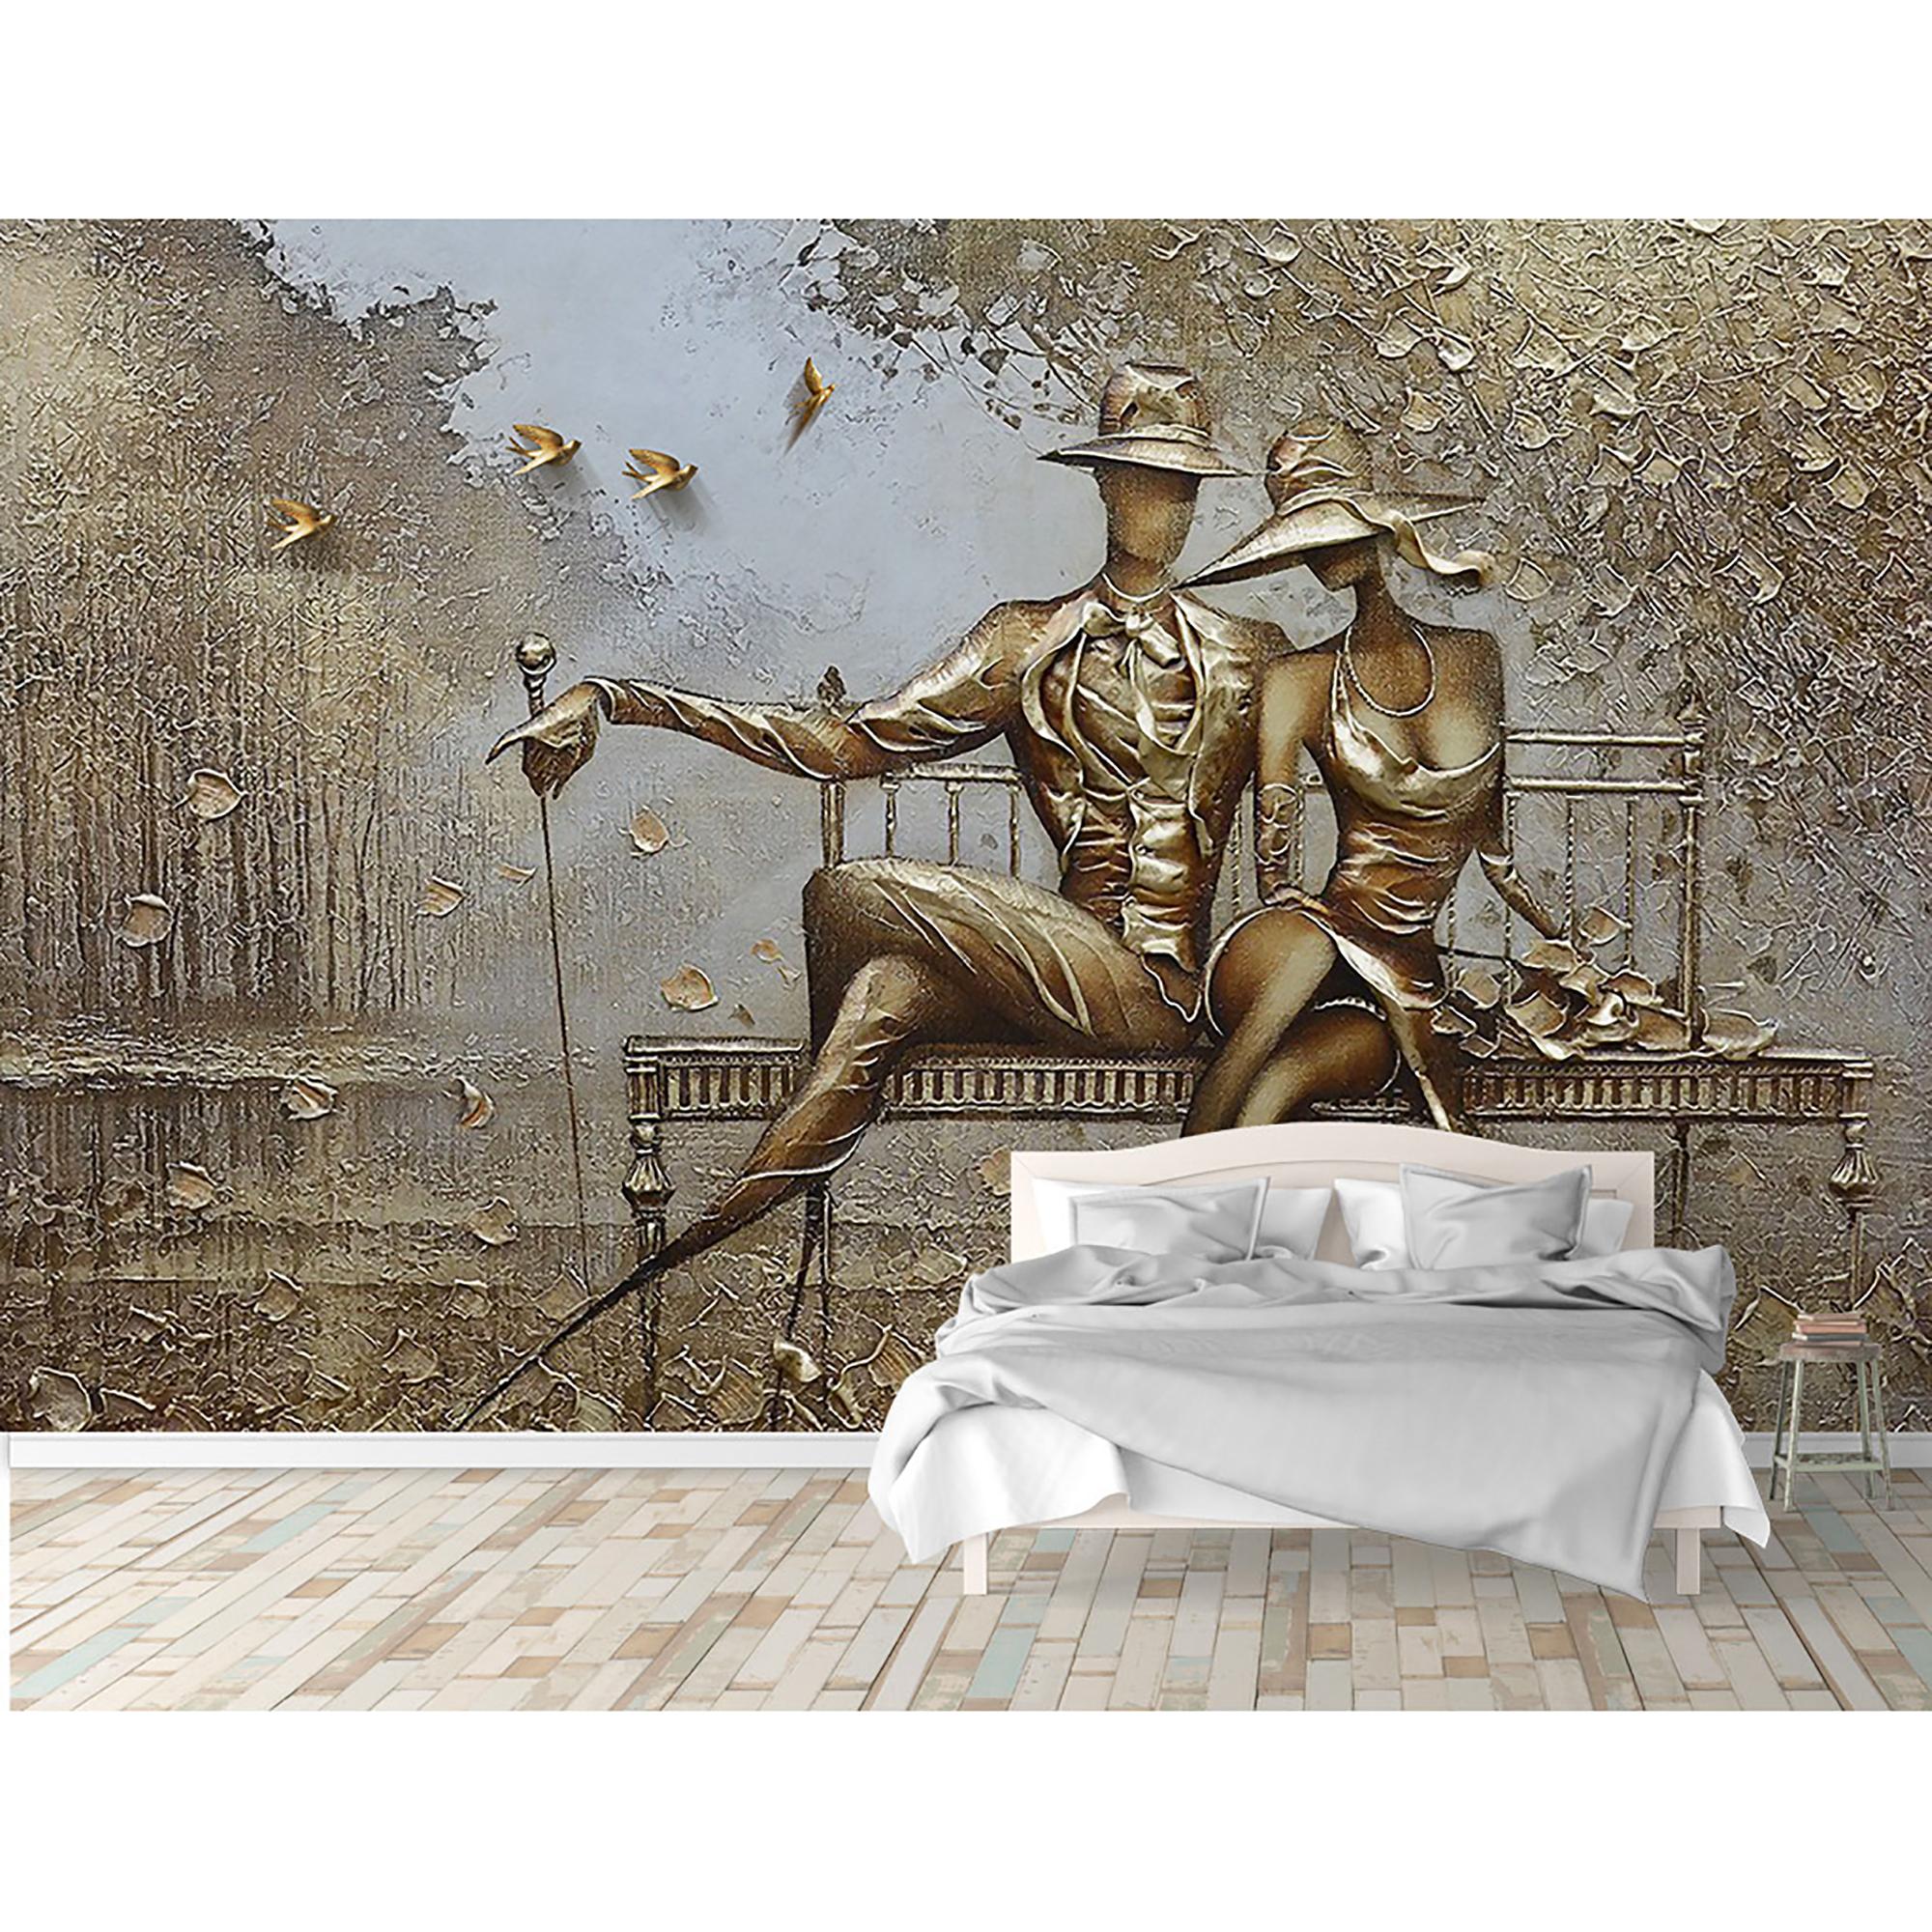 پوستر دیواری سه بعدی کد 16649077